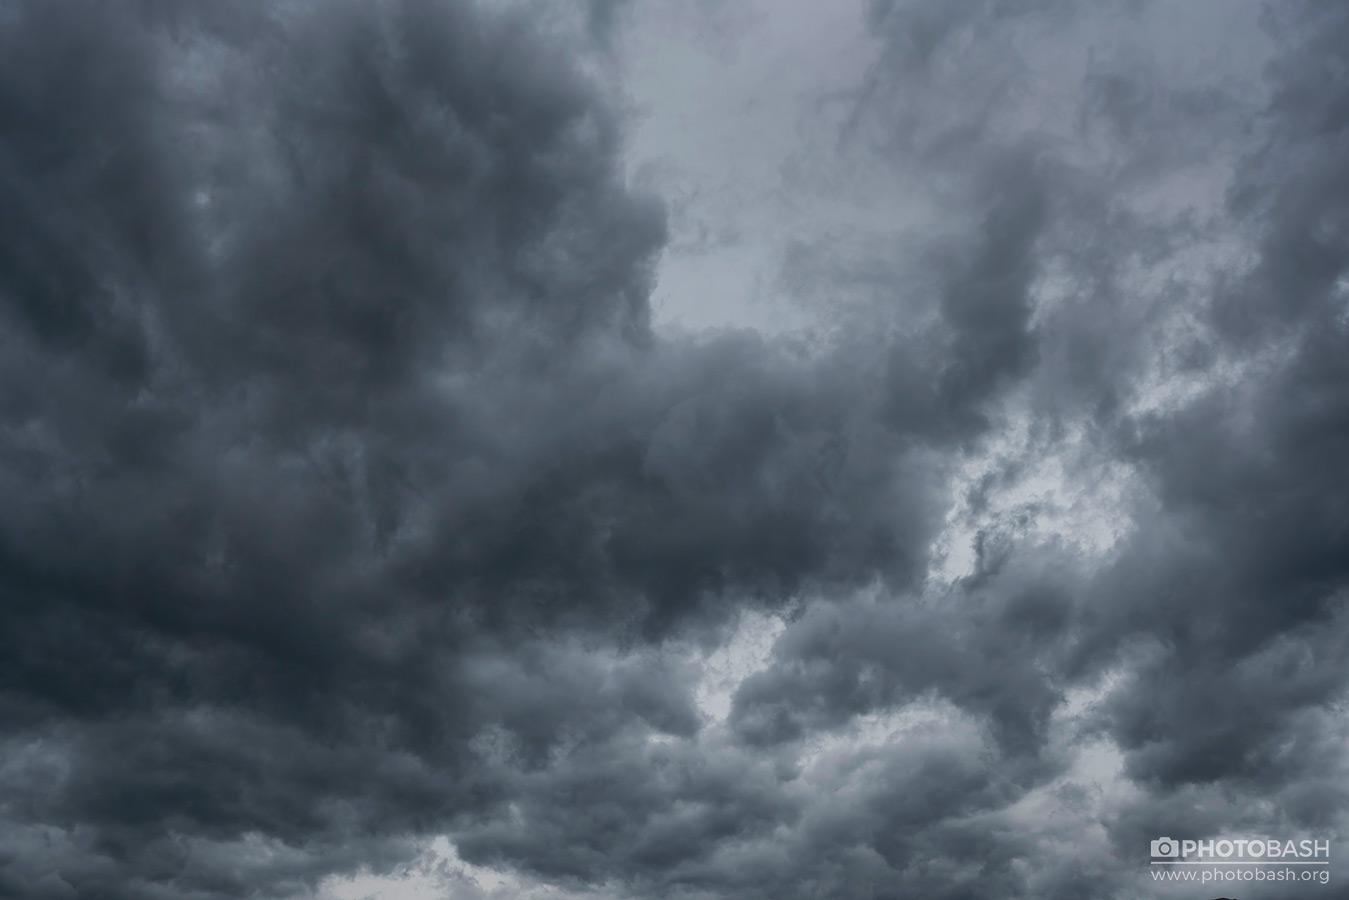 Dramatic-Skies-Dark-Storm-Clouds.jpg